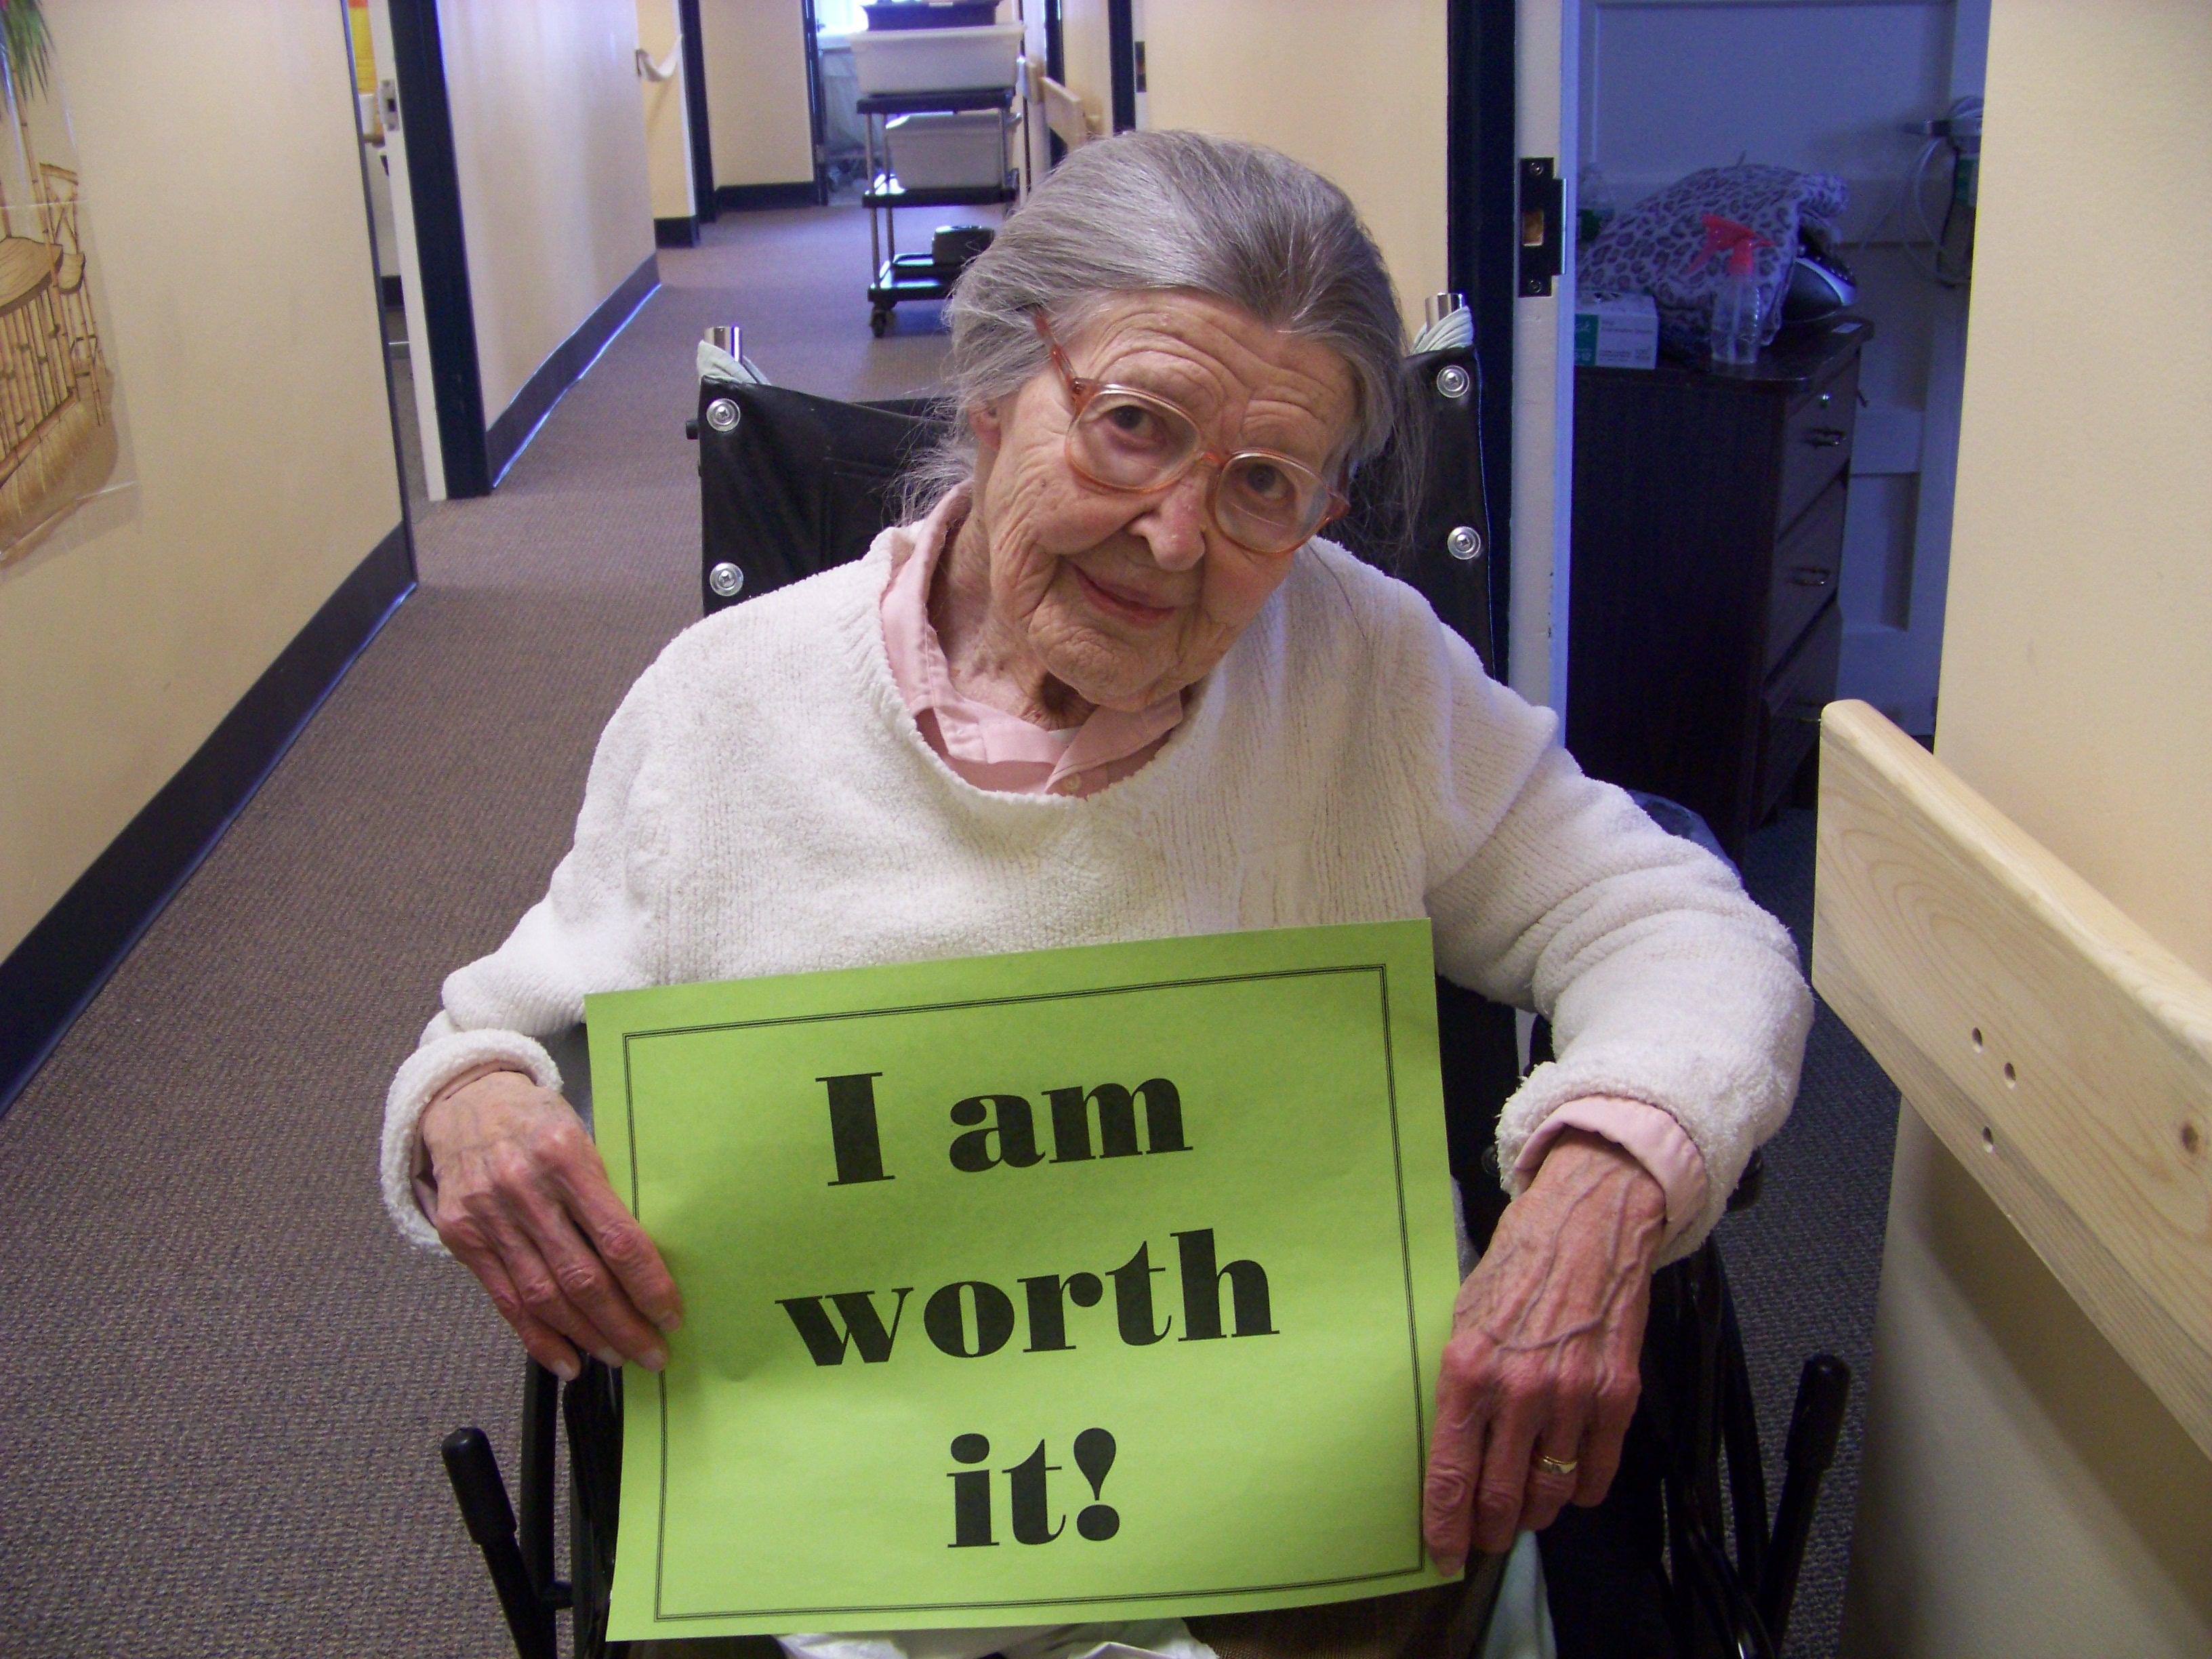 Grafton County I am worth it 2.jpg